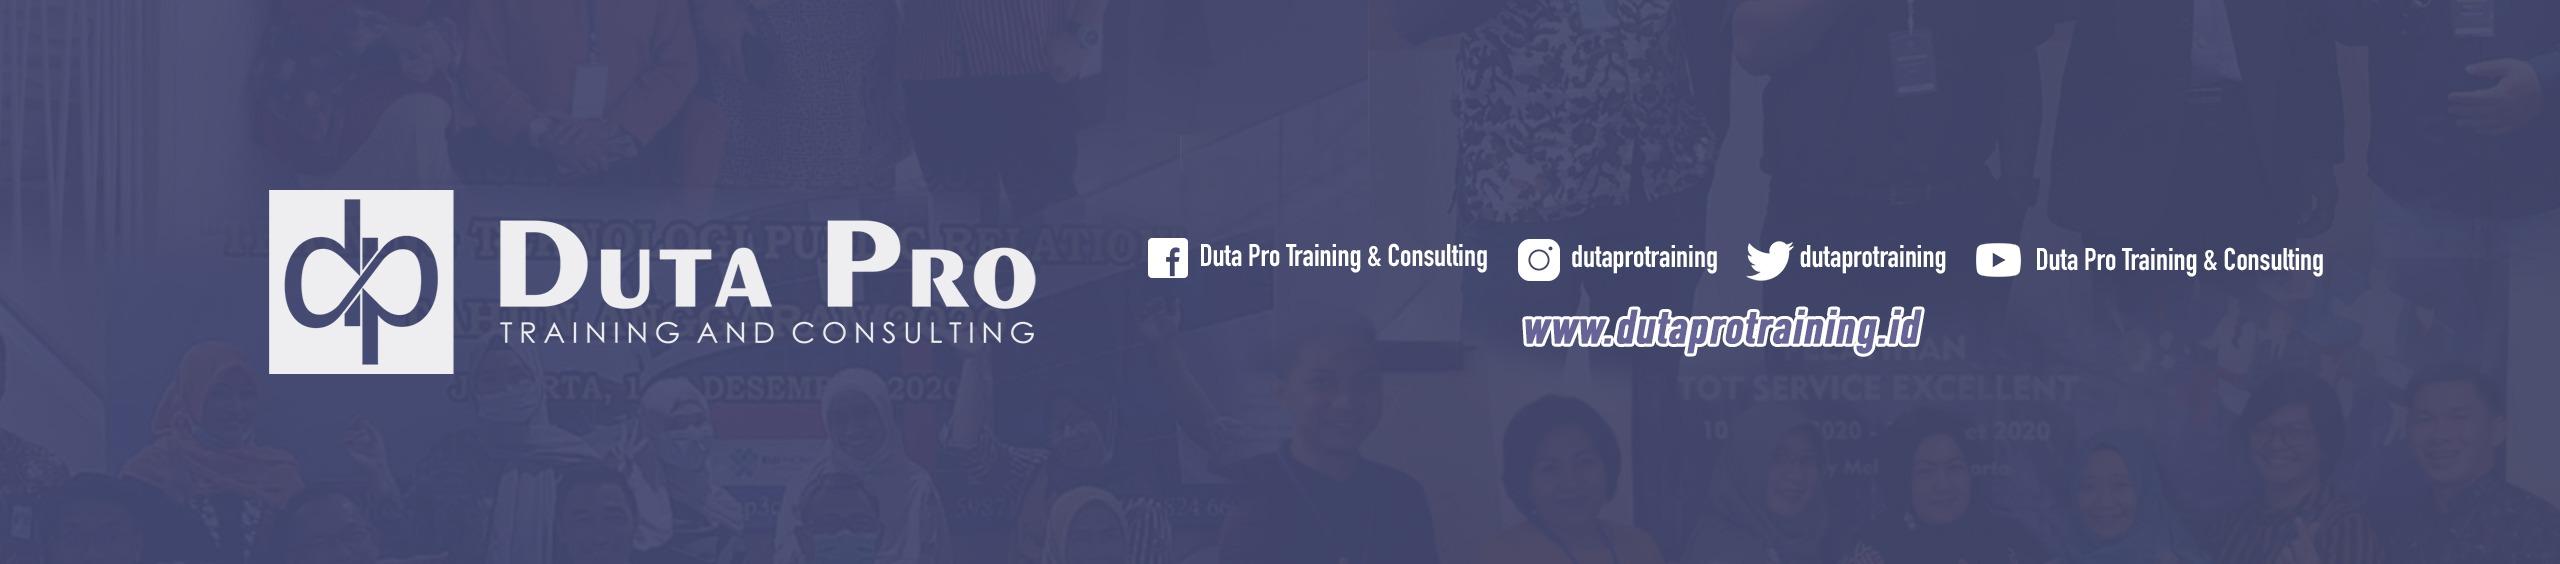 duta pro training social media